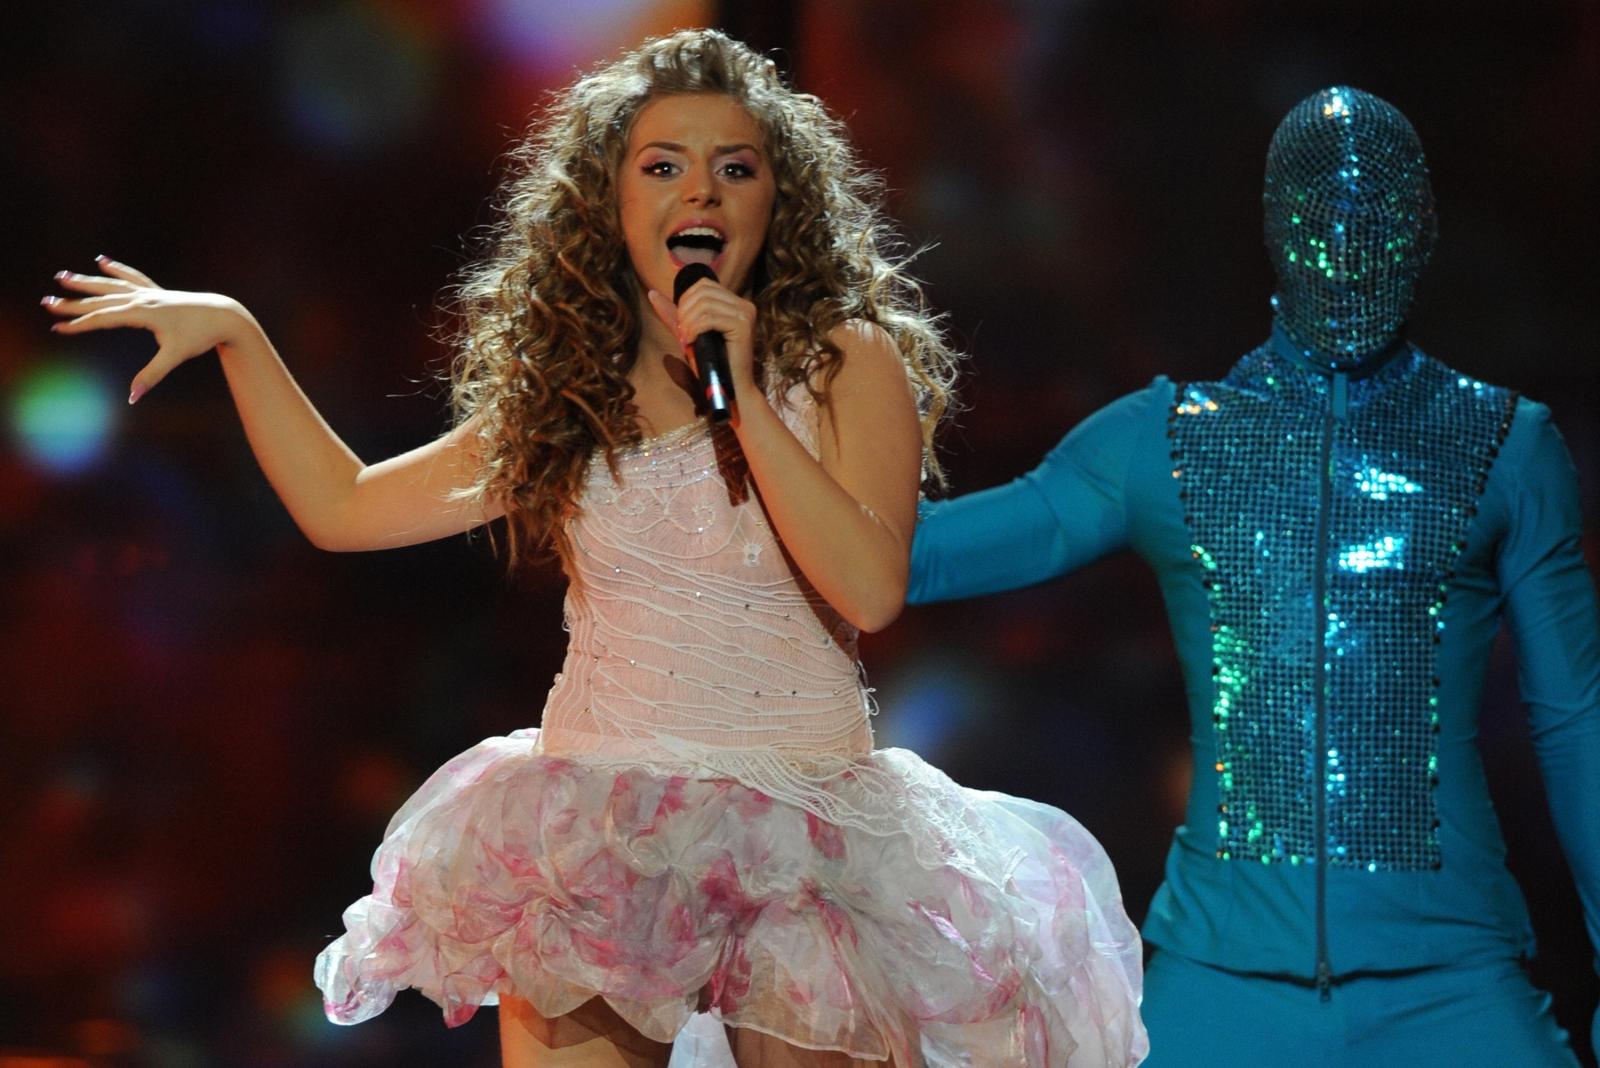 Eurovision Kejsi Tola